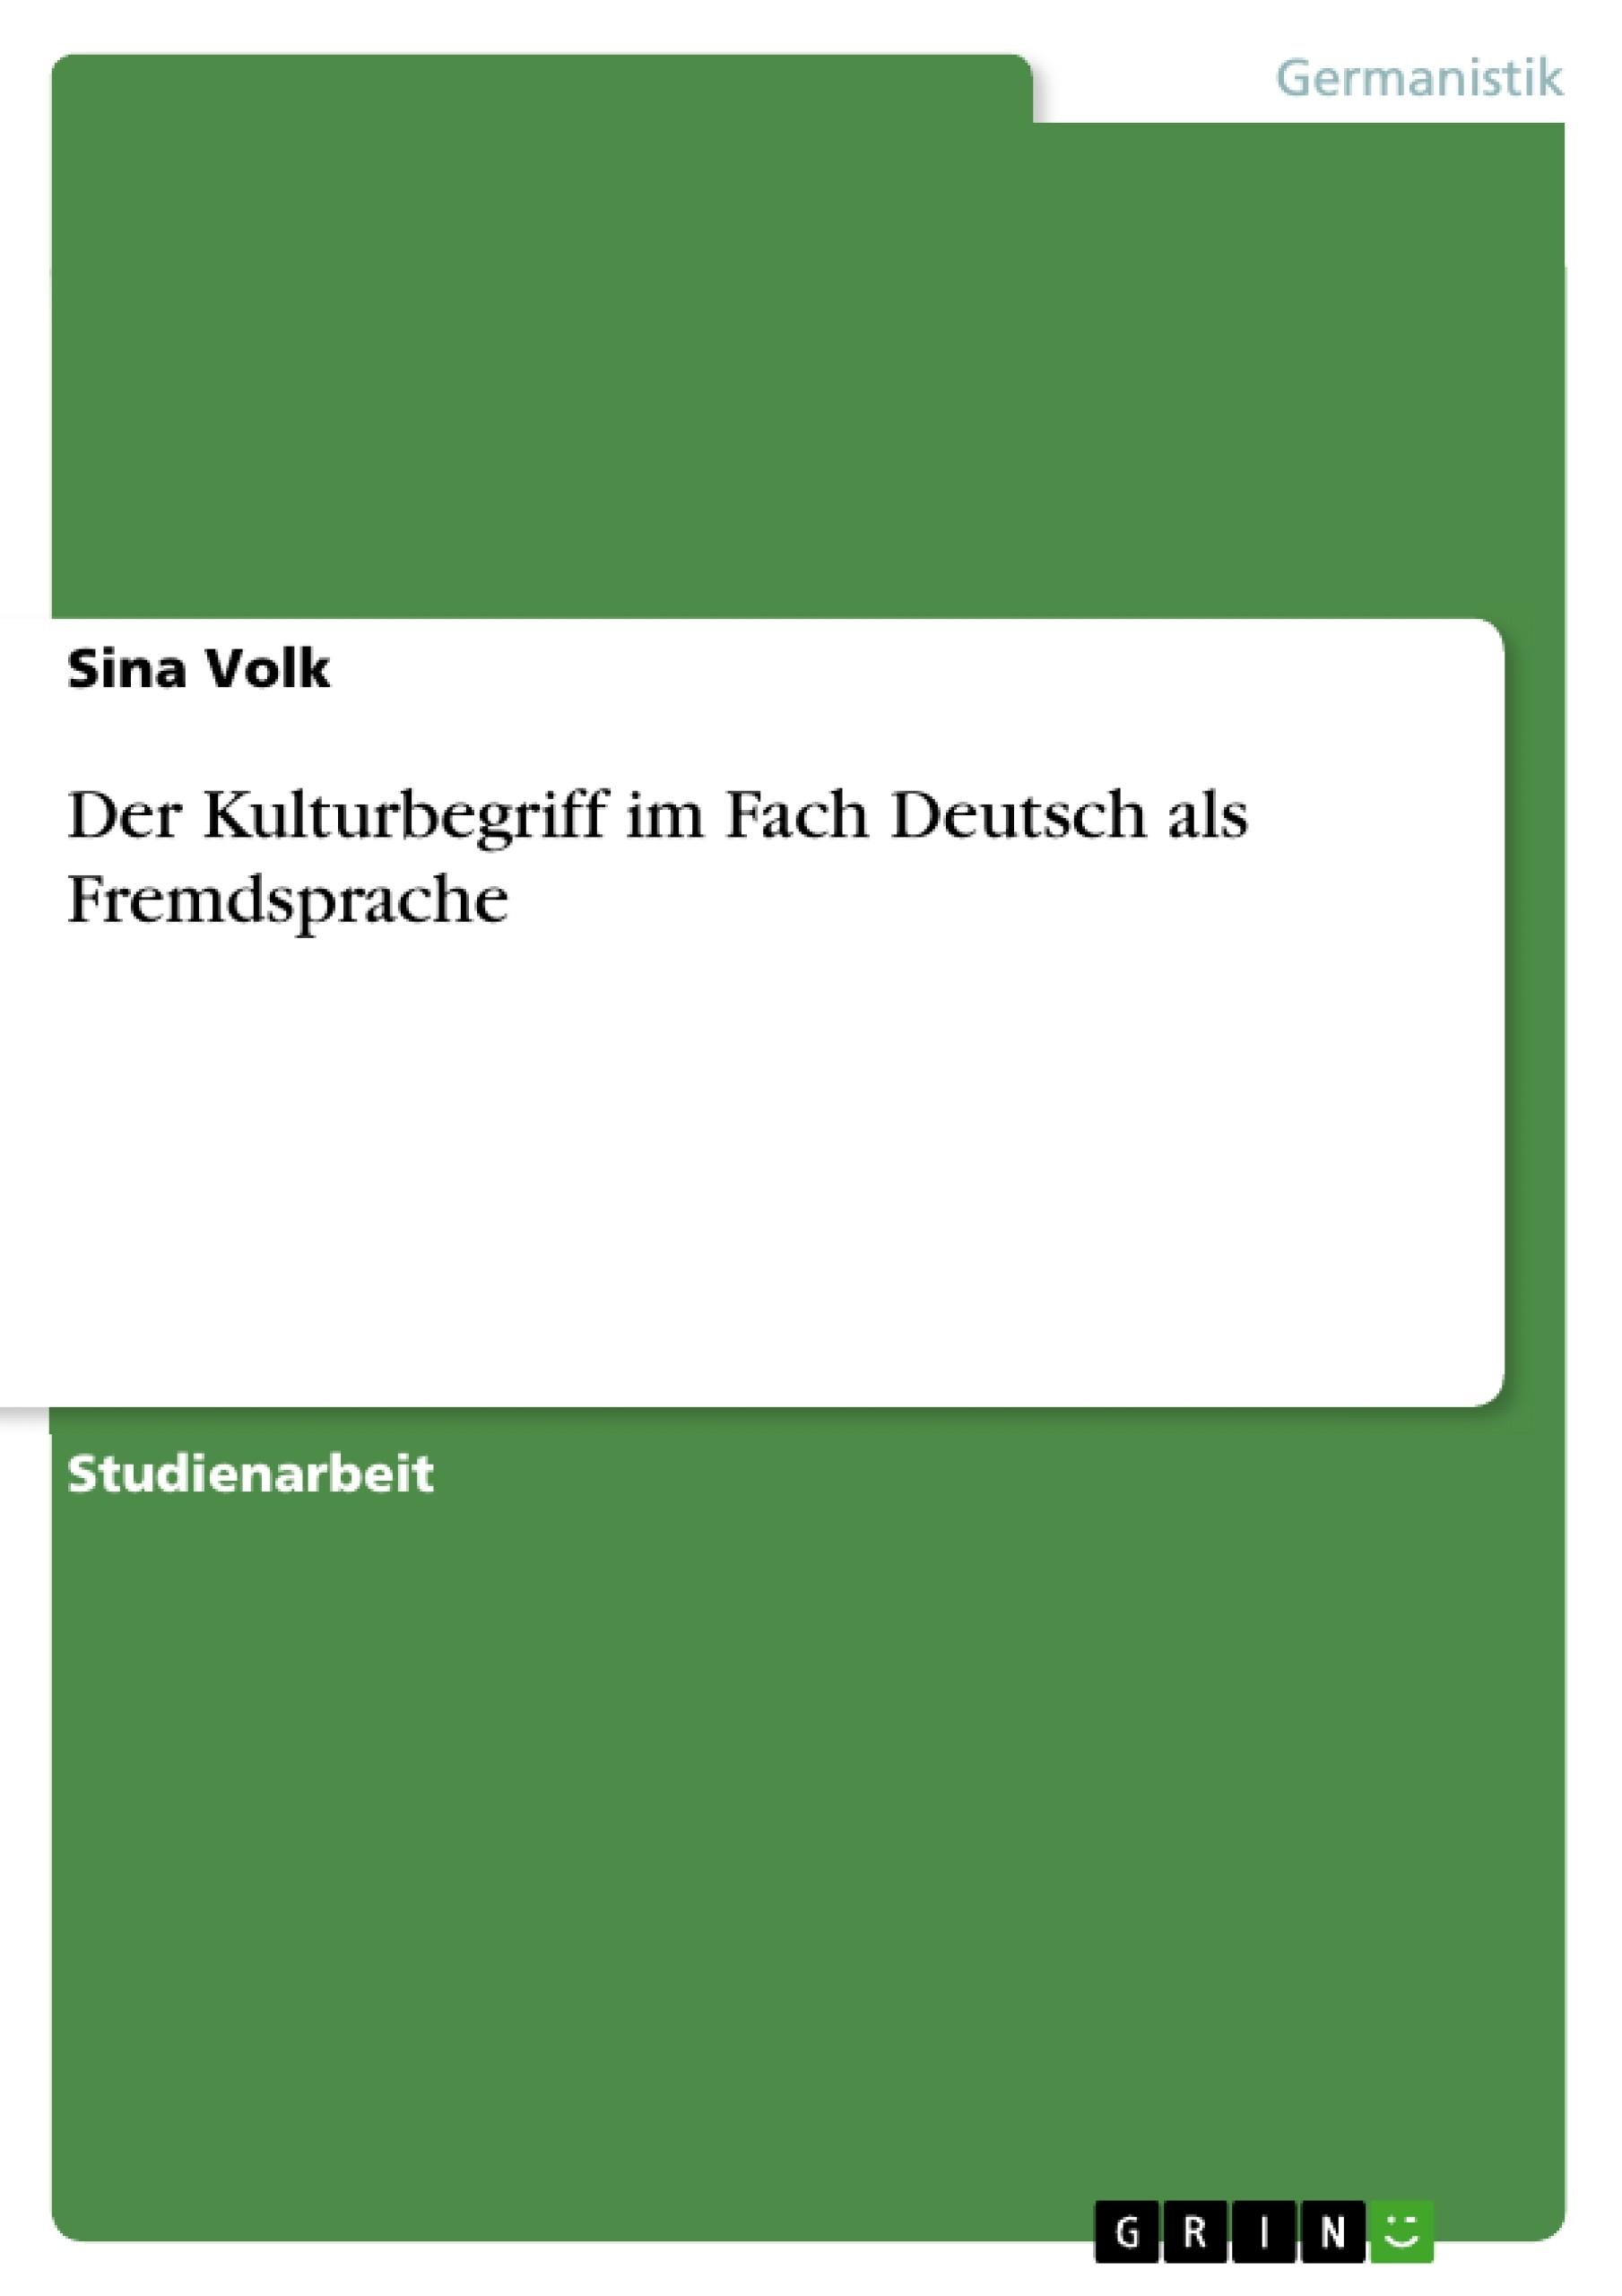 Titel: Der Kulturbegriff im Fach Deutsch als Fremdsprache